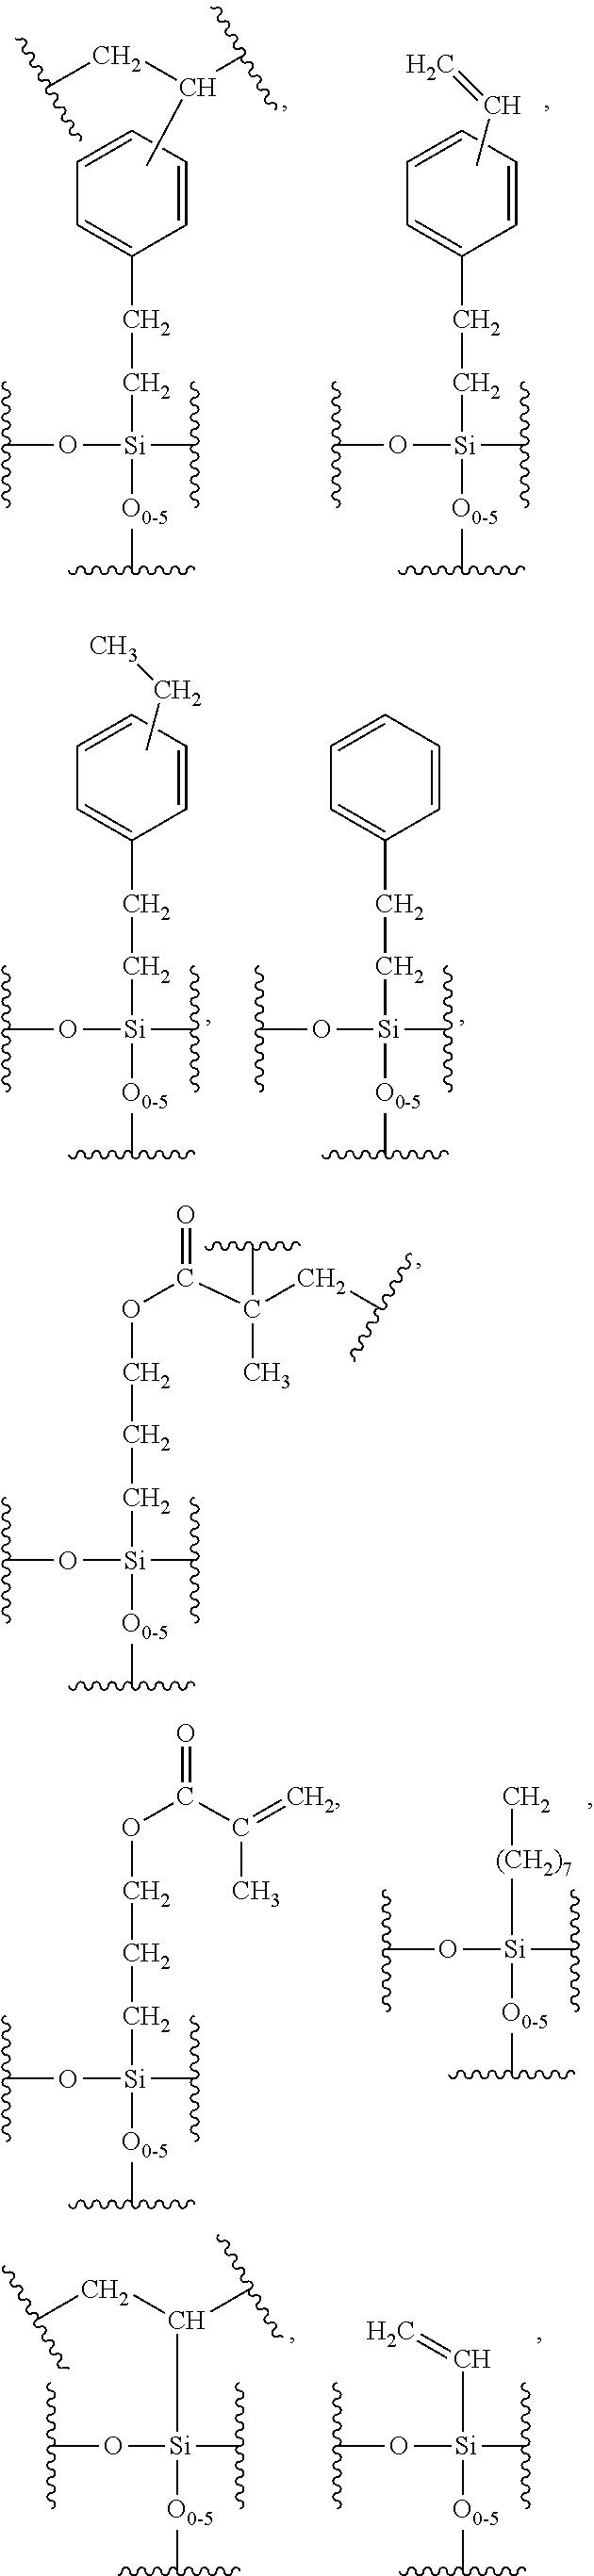 Figure US09211524-20151215-C00016